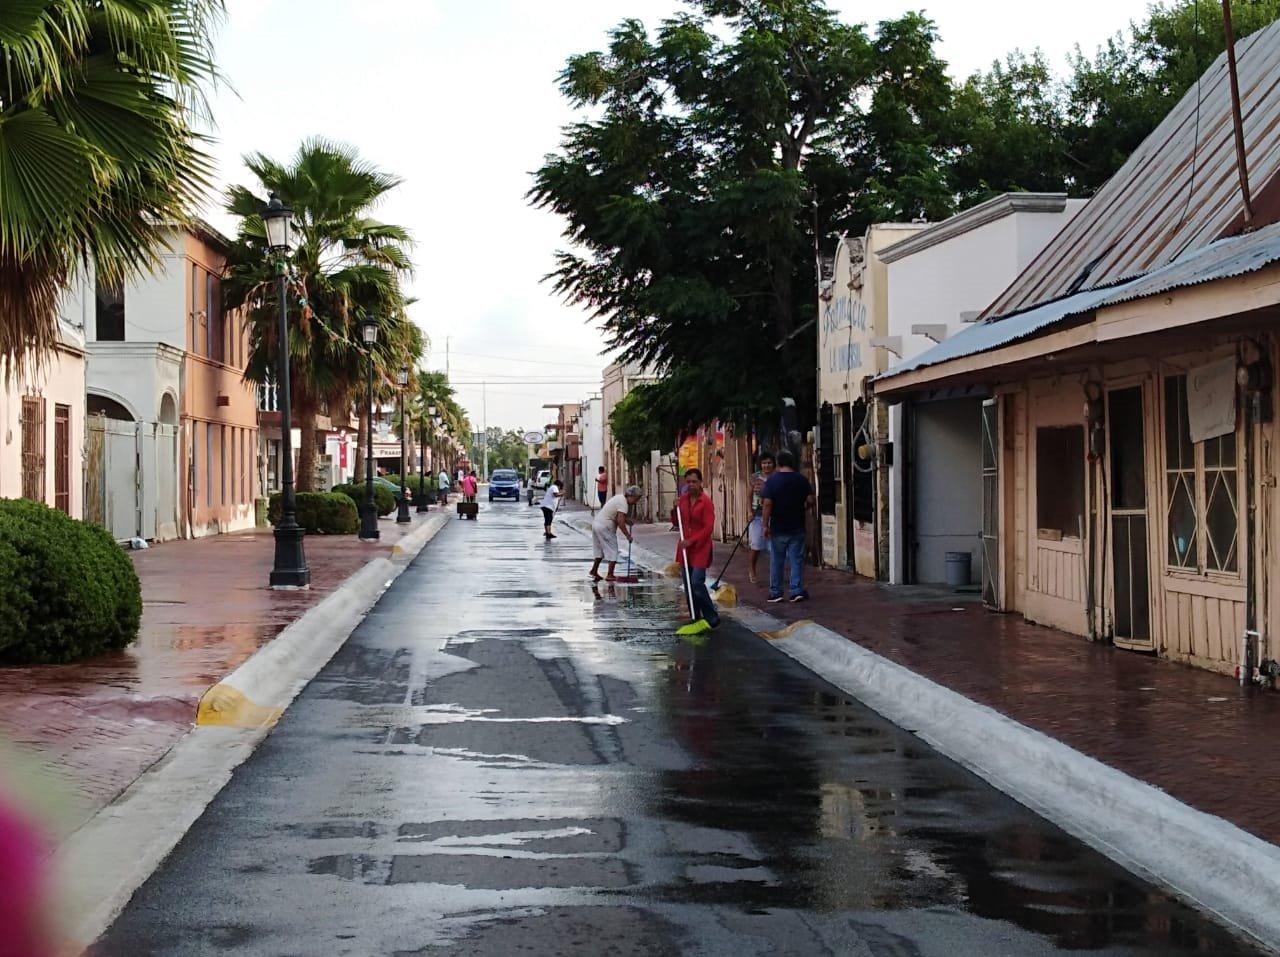 Se suman expositores de Calle 9, a acciones de  limpieza emprendidas por el alcalde Mario López